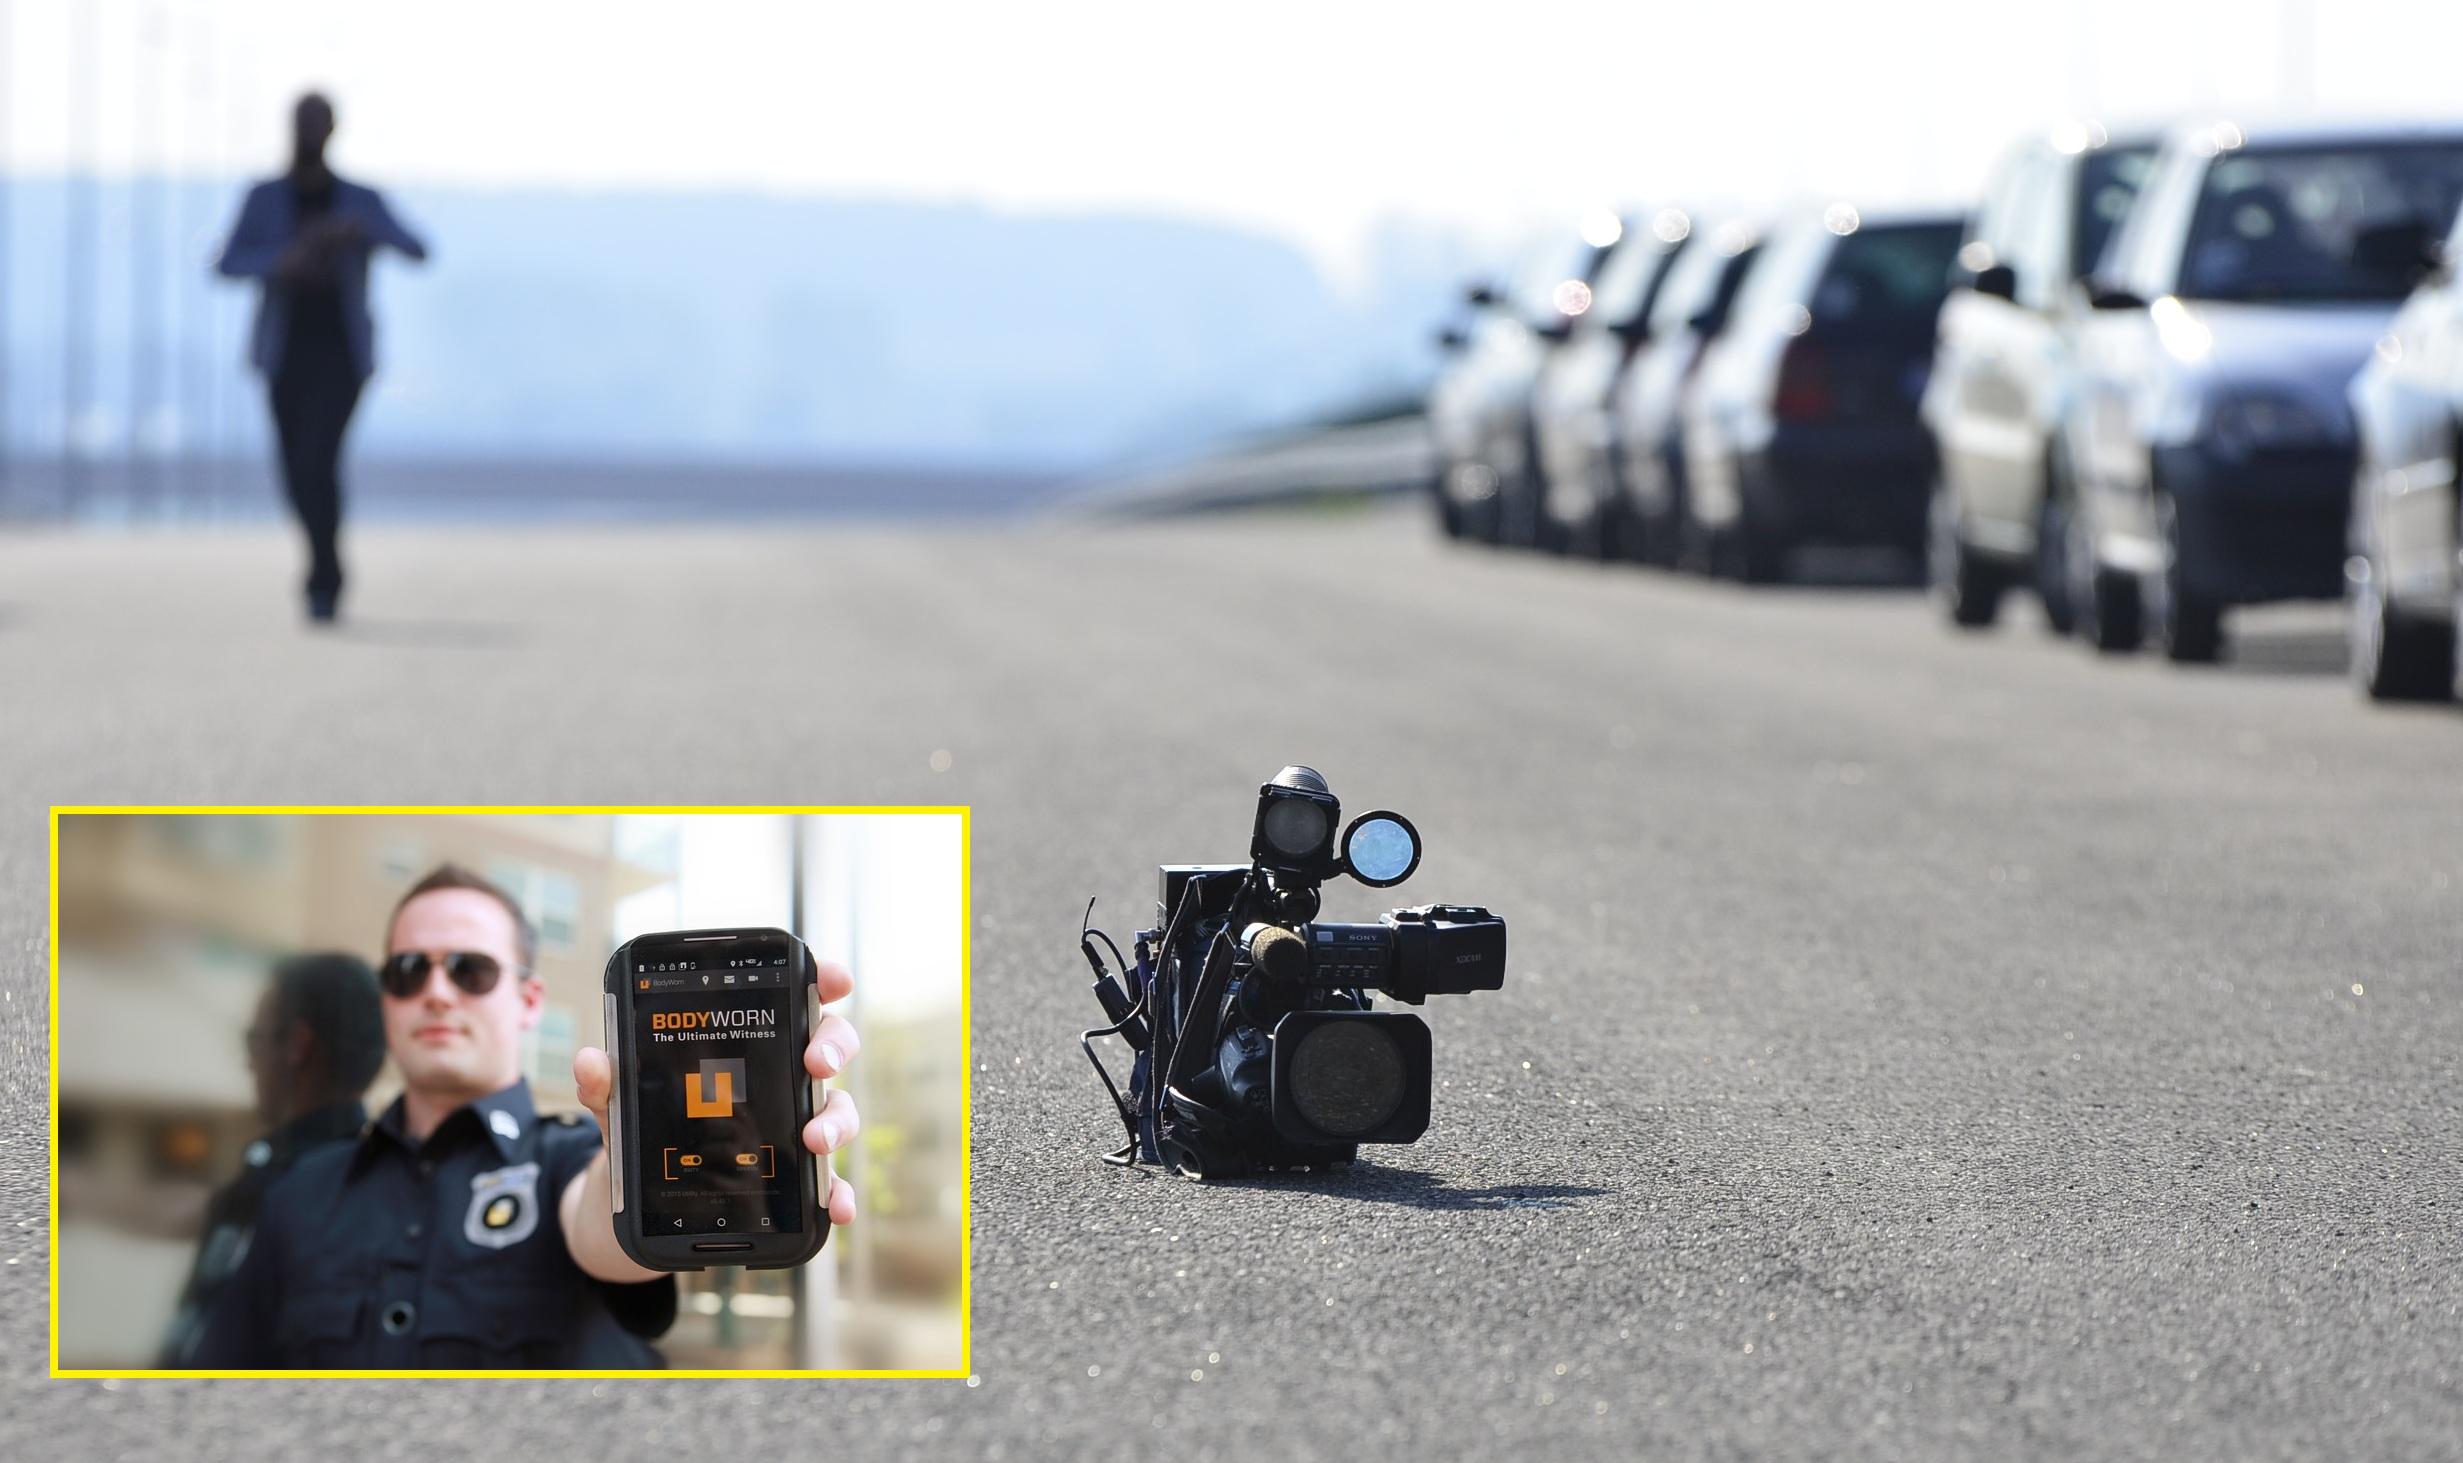 """Полициско снимање: класична камера и камера за на тело со име """"Ултимативен сведок"""". Фото: pexel/pixabay"""